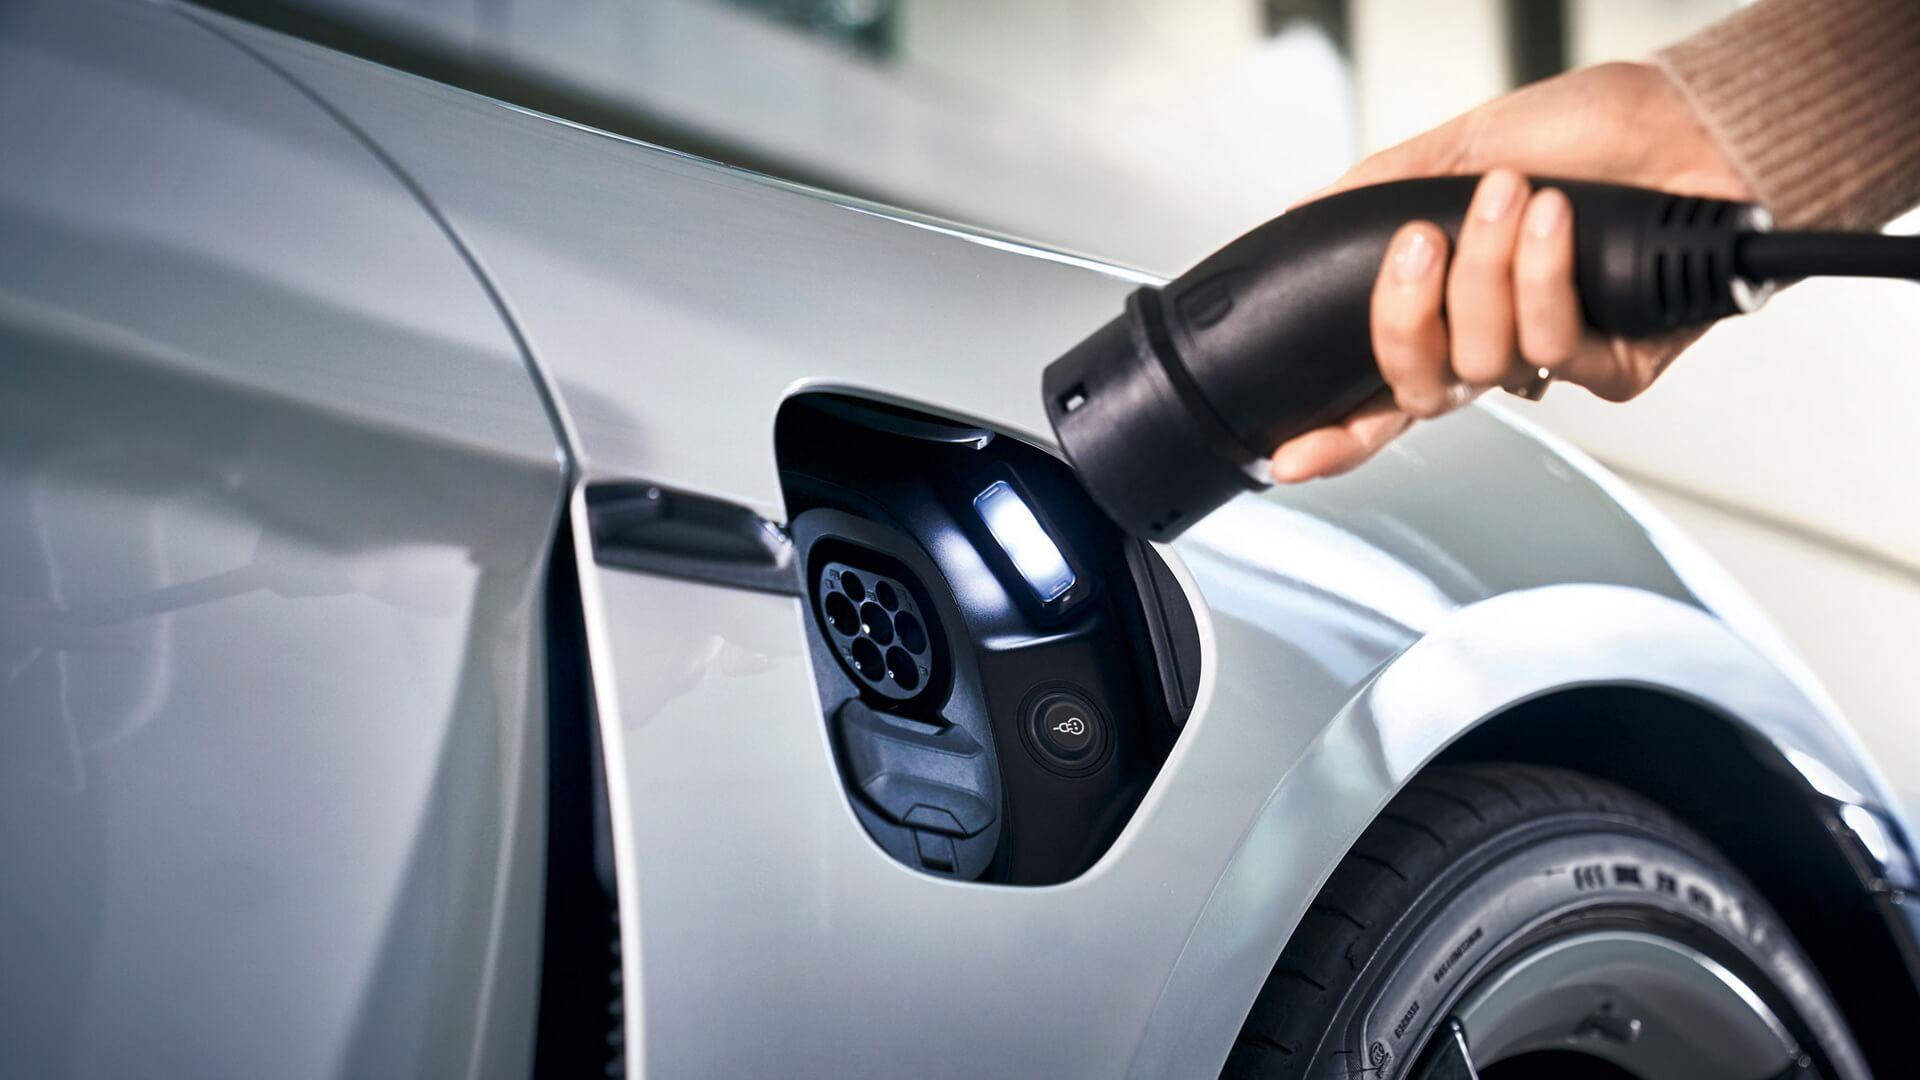 Porsche Taycan 2021 модельного года получит бортовое зарядное устройство переменного тока 22 кВт